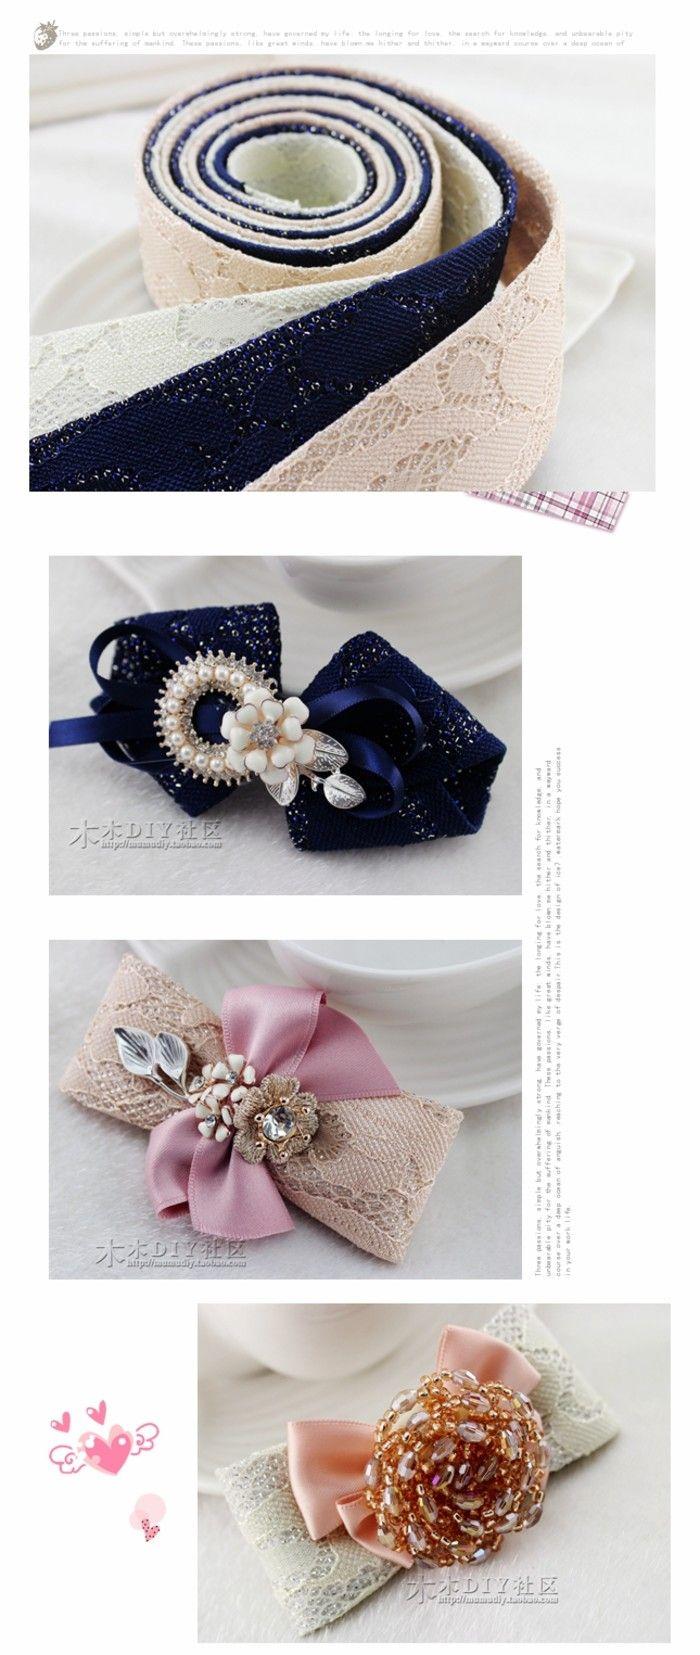 【木木DIY社区】丝带 布带类 4厘米宽韩国进口素色蕾丝布带